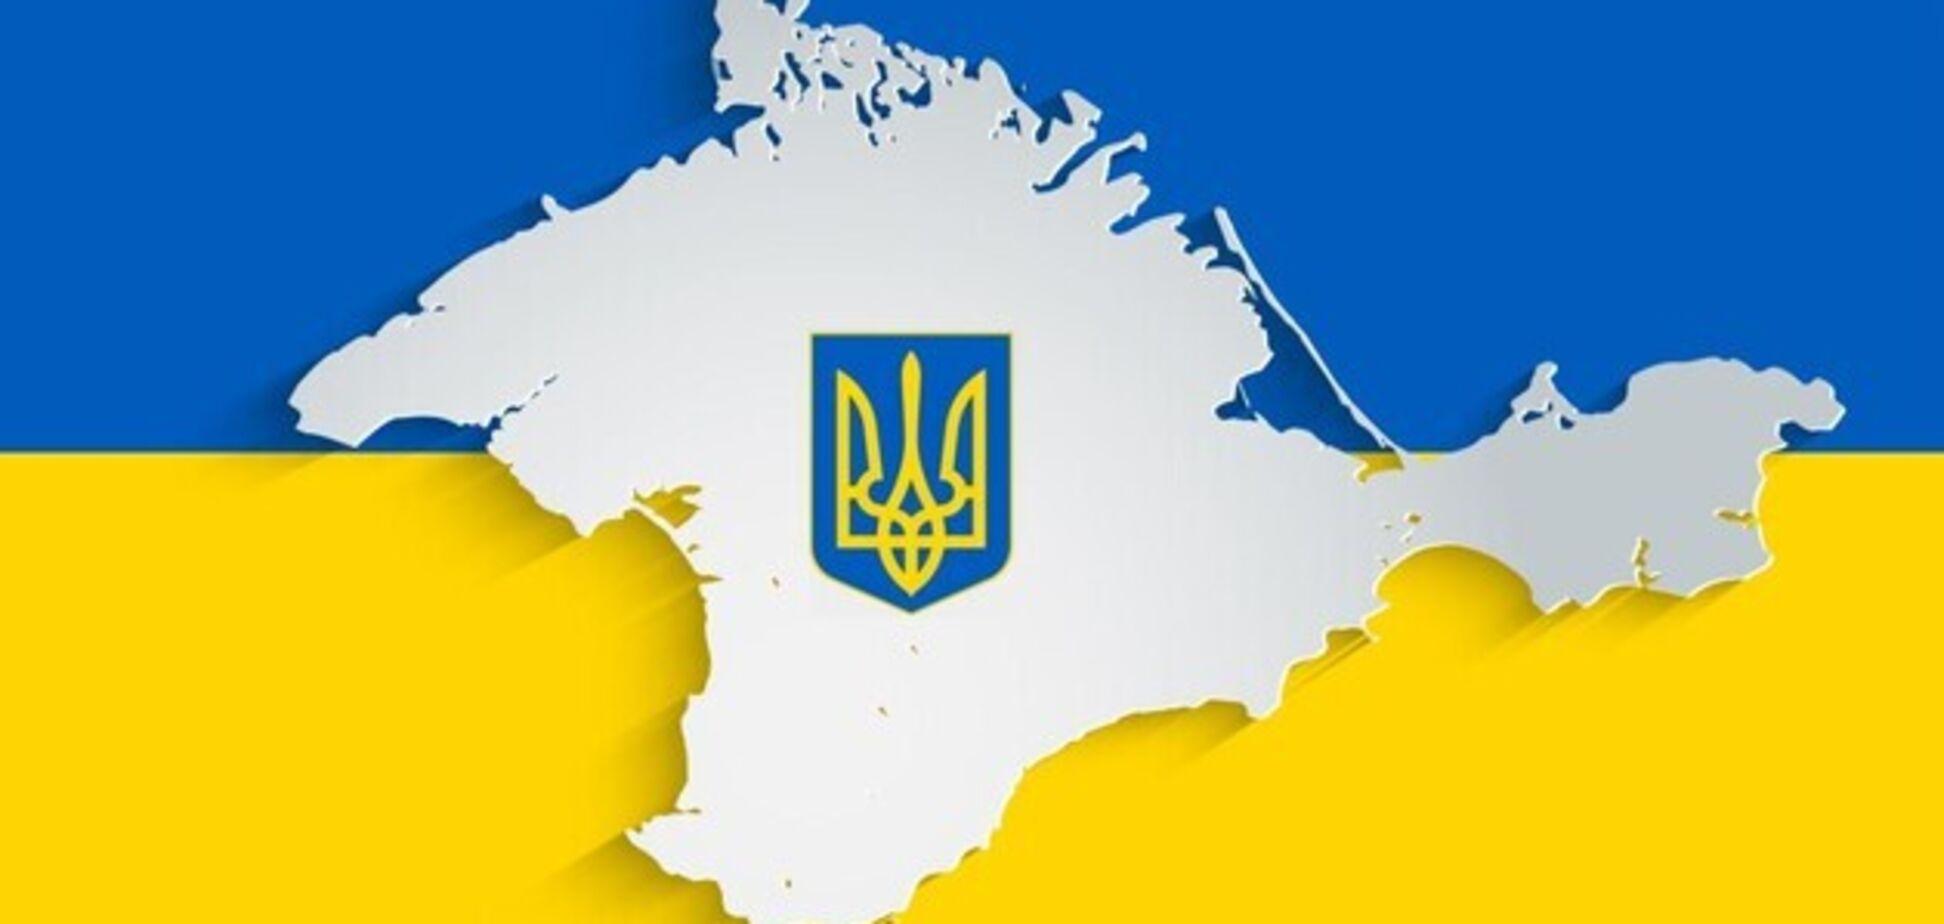 МИД РФ сознательно вводит в заблуждение россиян и международное сообщество